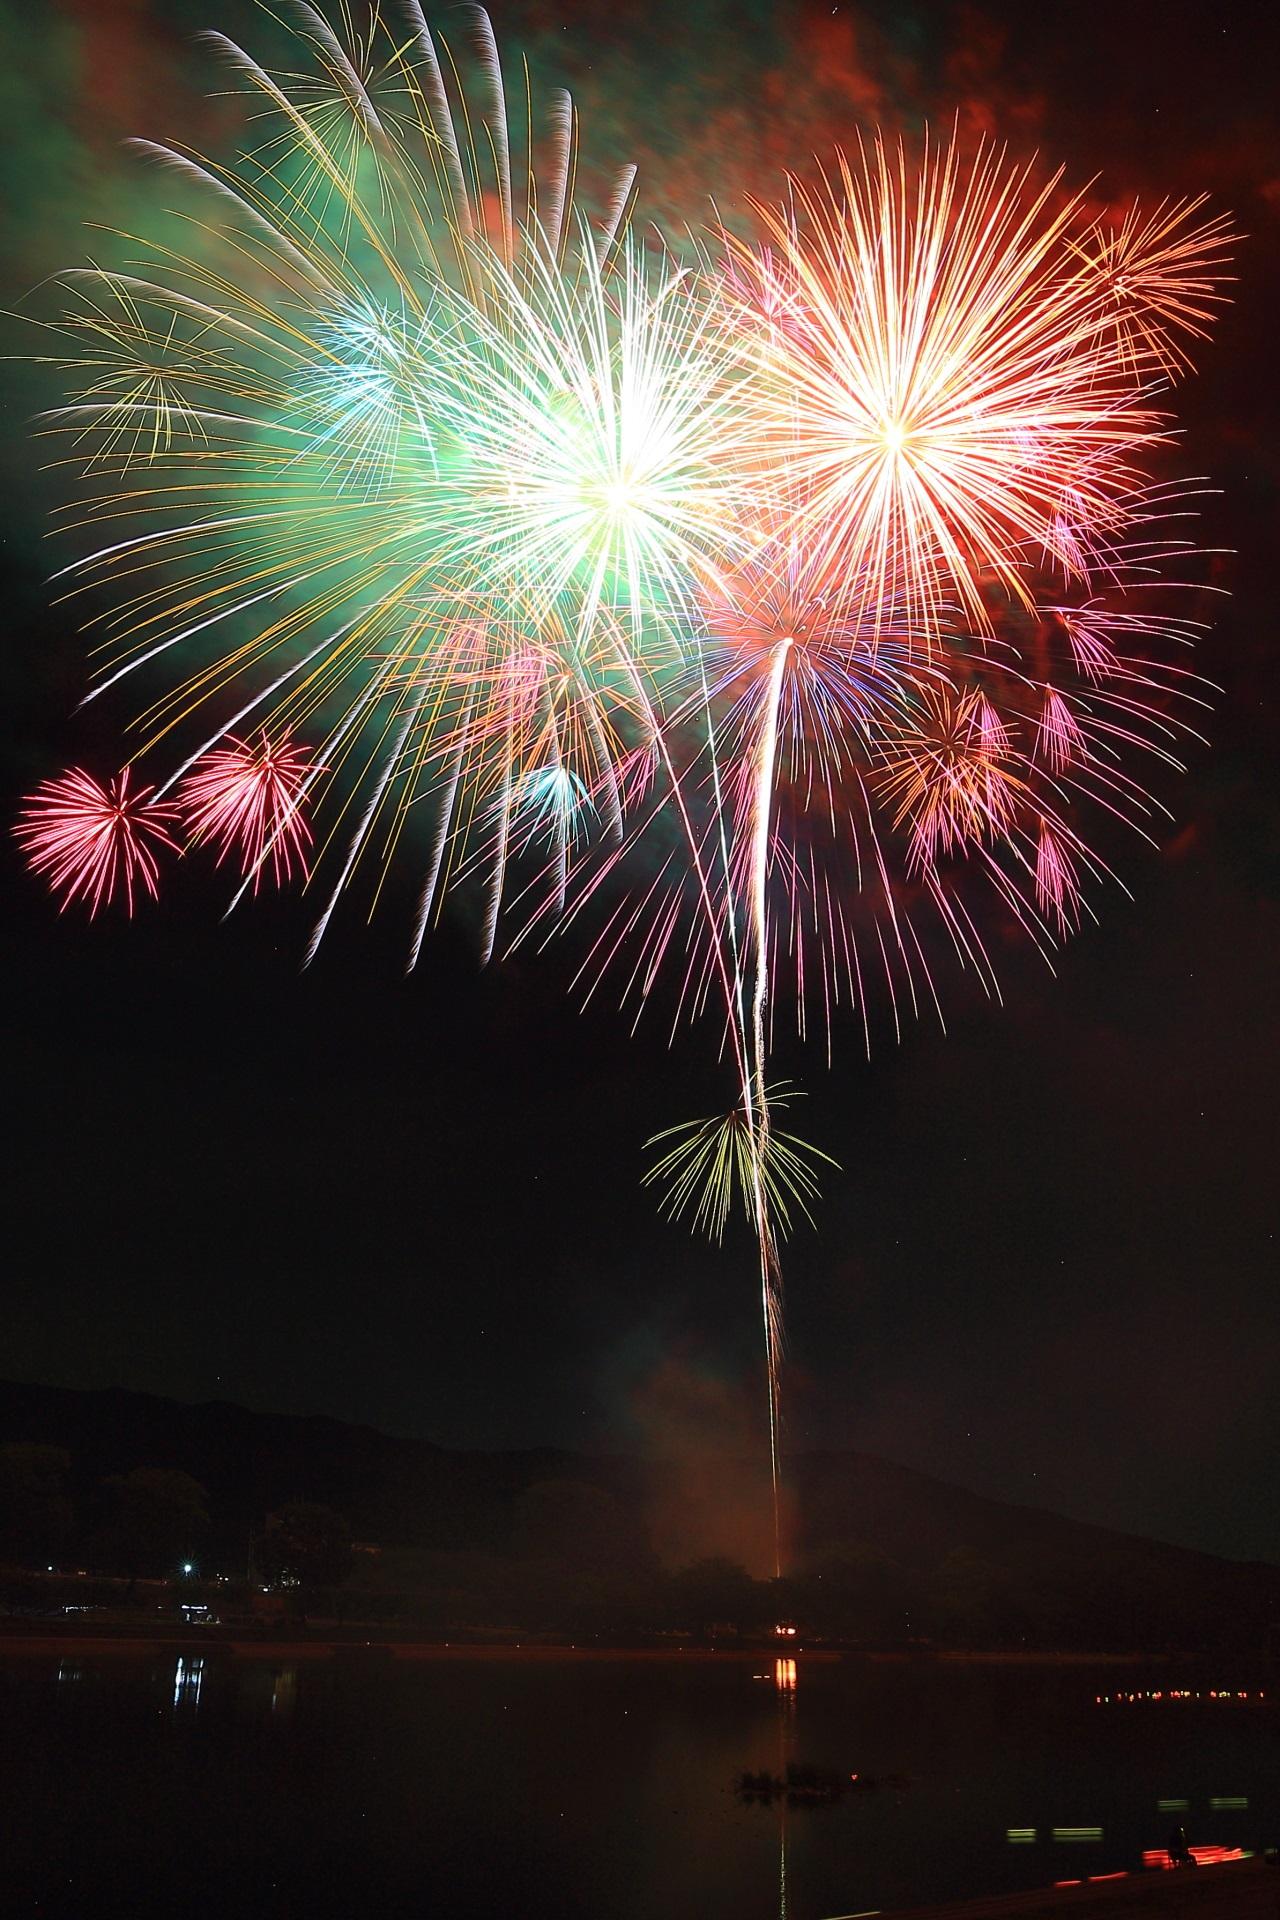 南丹市の夏の夜空を染める多彩な花火